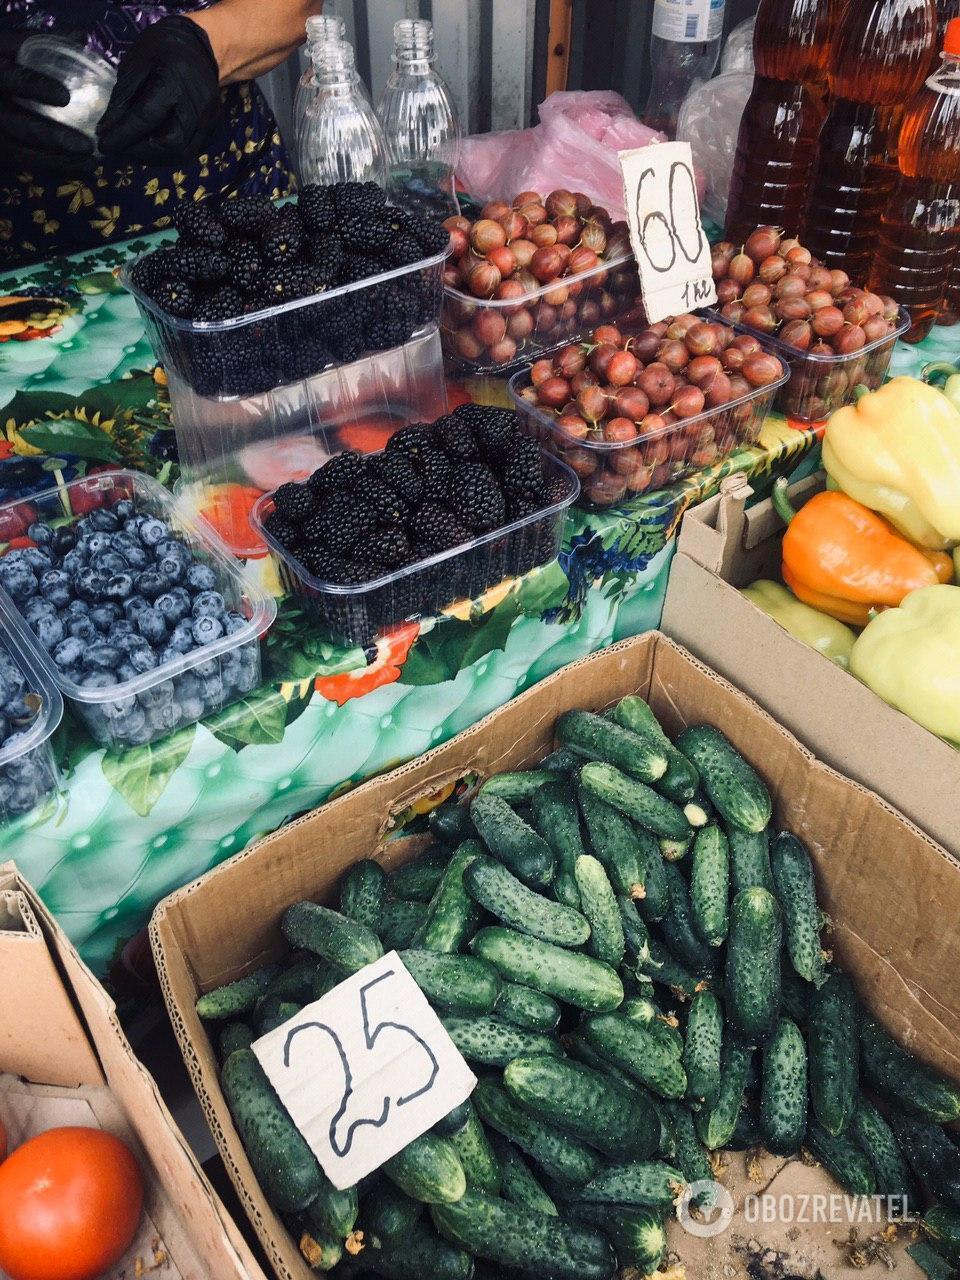 Будьте осторожнее при покупке овощей в жару